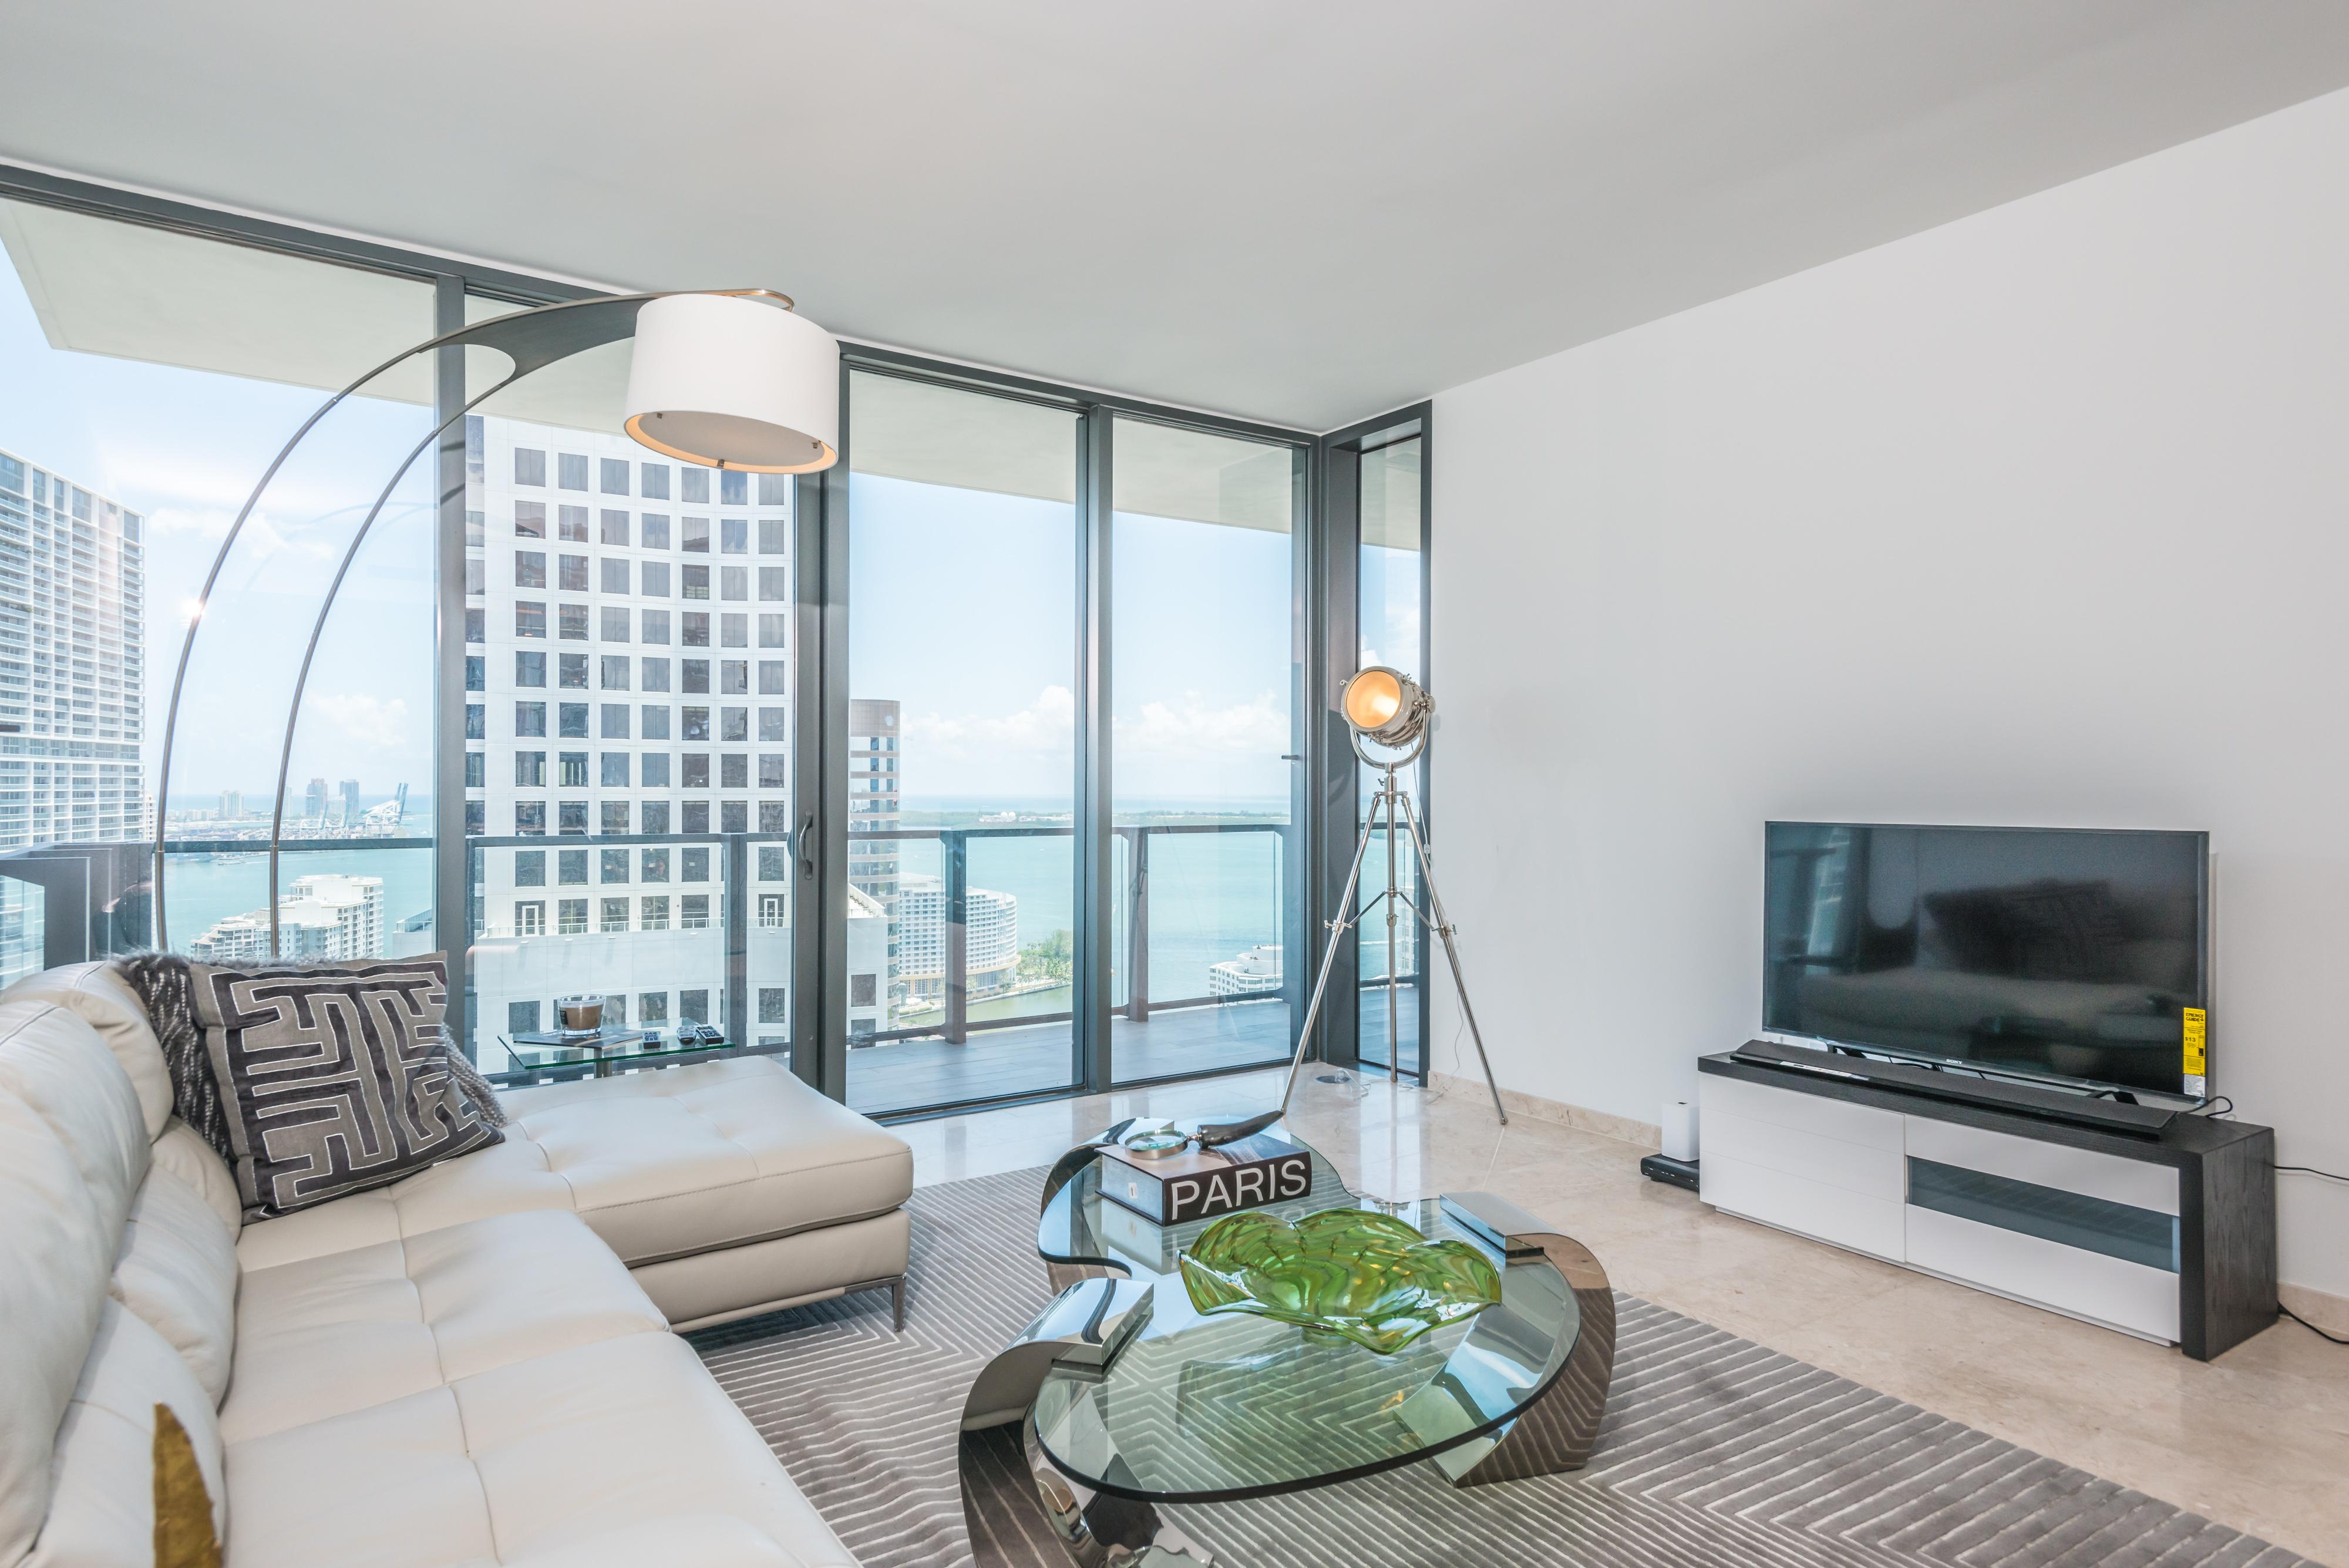 Condominium for Sale at 68 Se 6 St #3403 68 Se 6 St 3403 Miami, Florida, 33131 United States